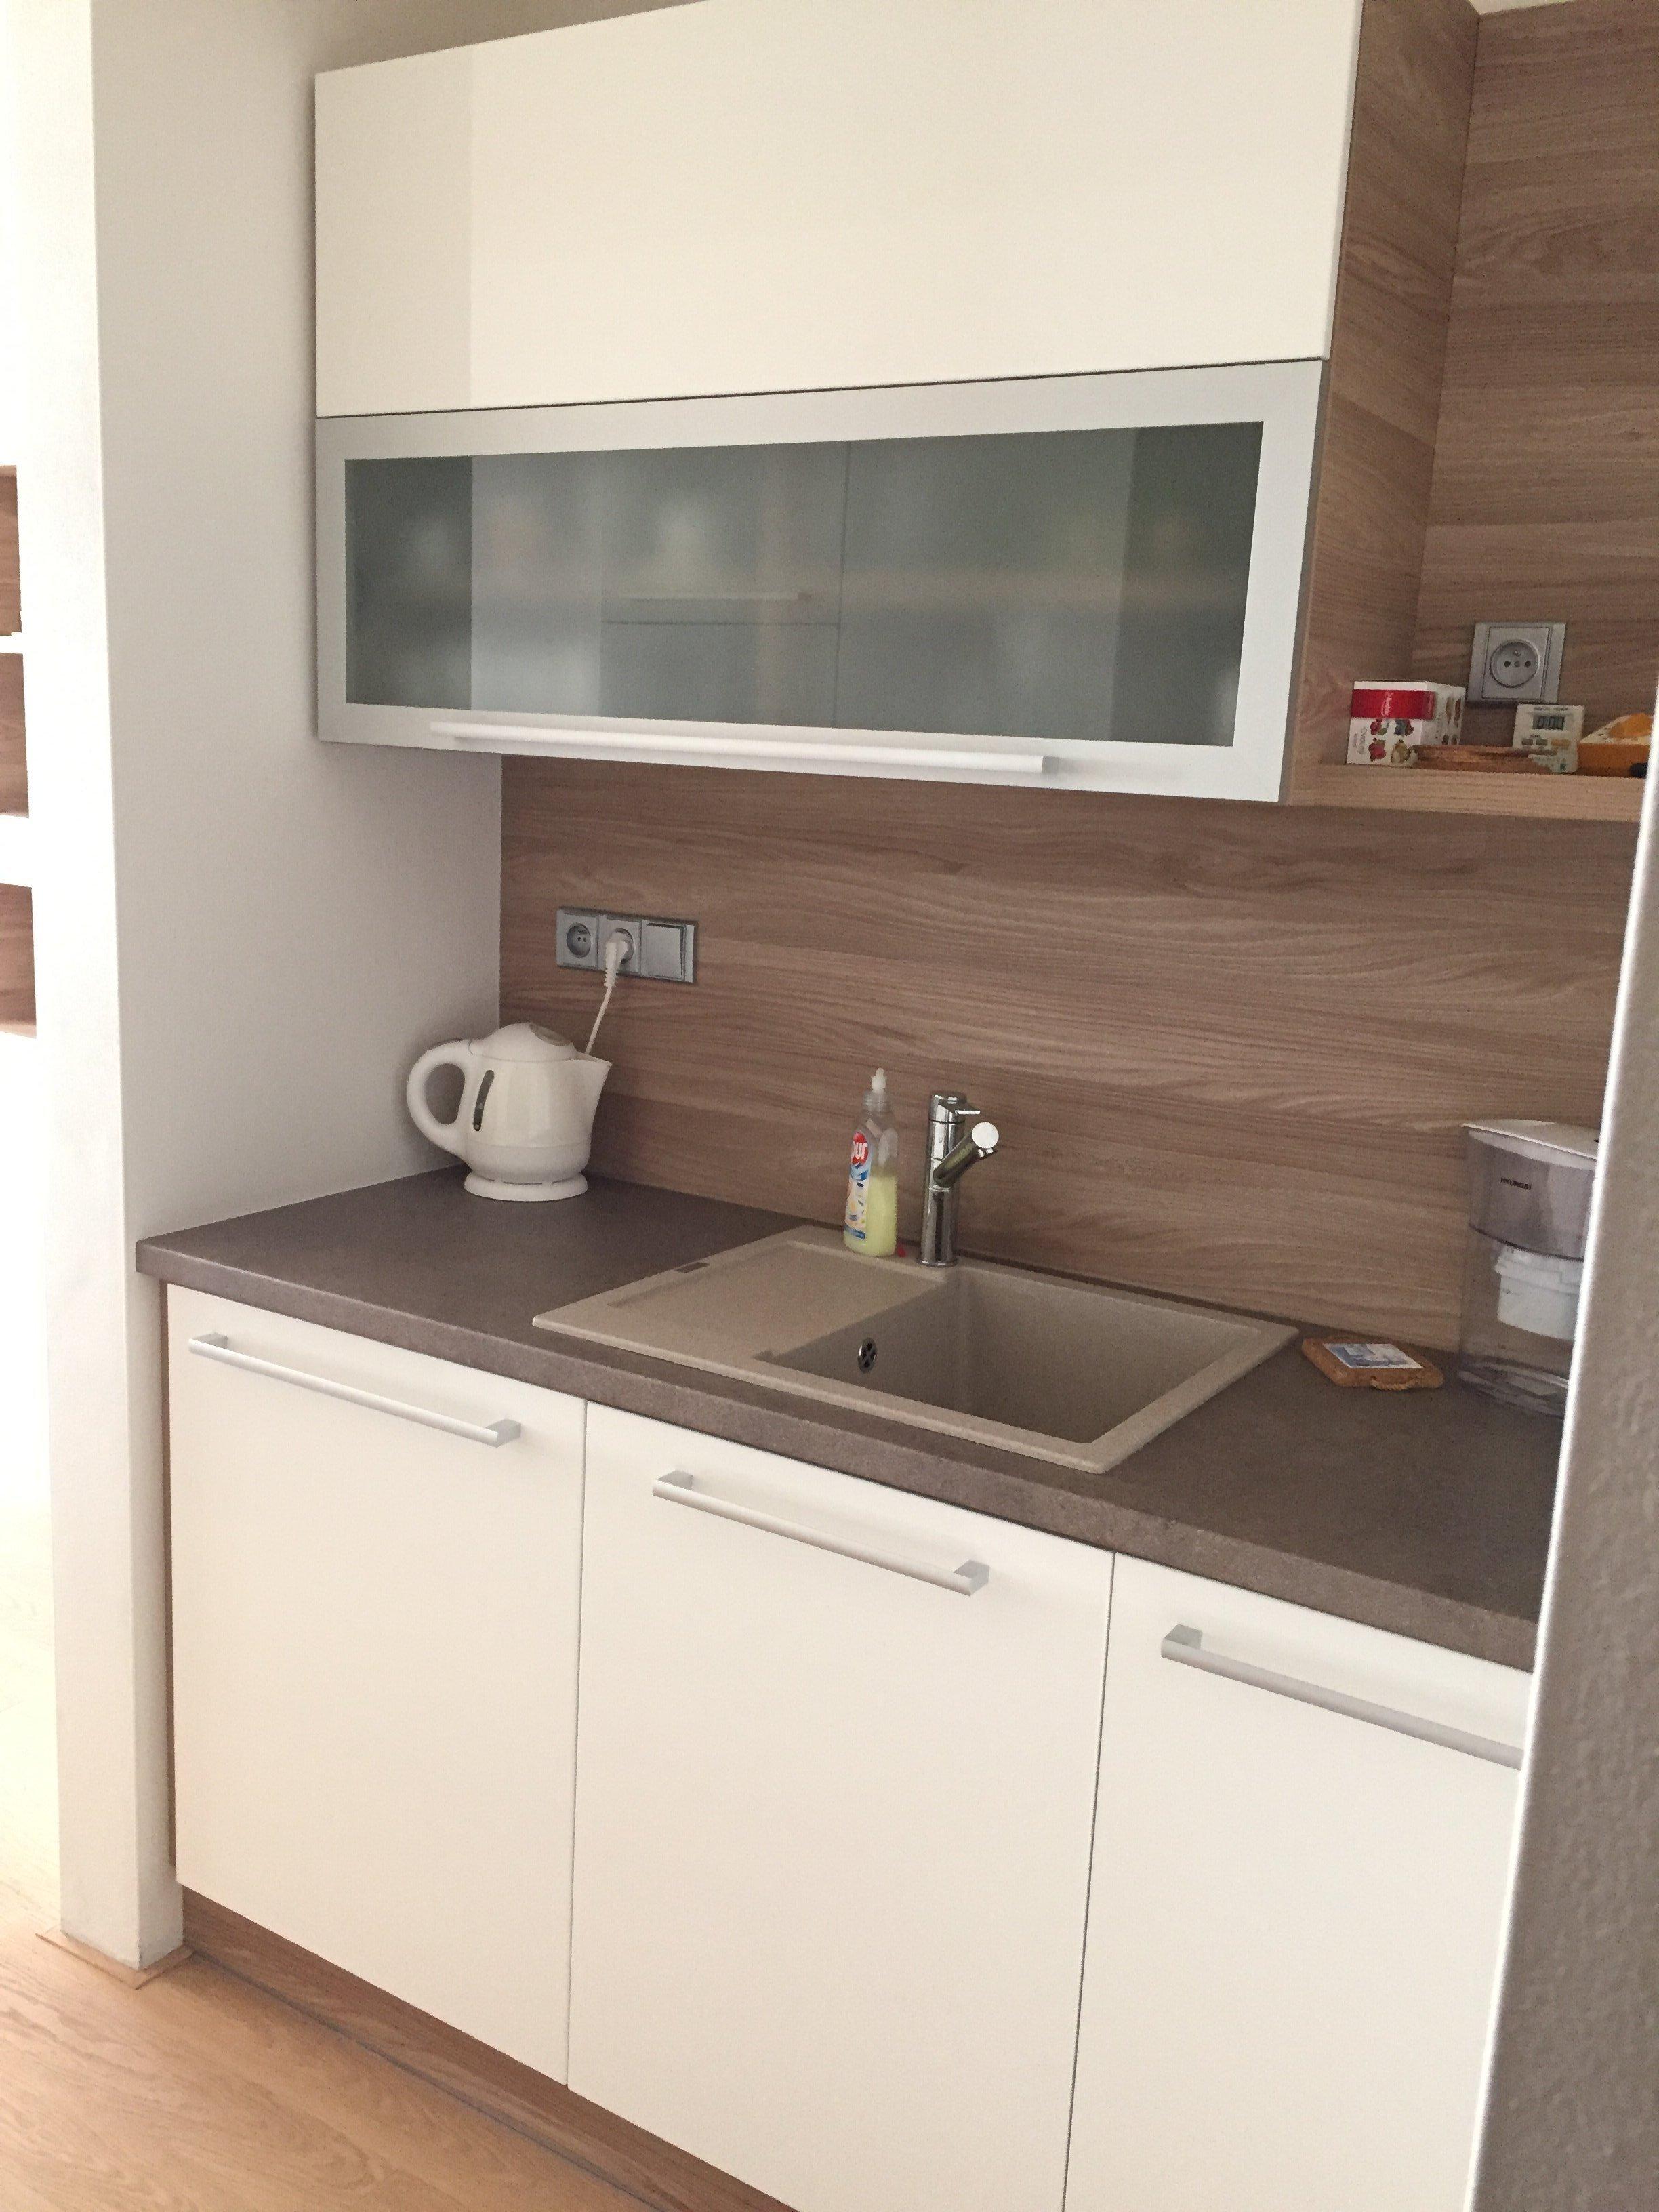 """Realizace kompletního obývacího prostoru a kuchyně """"na klíč"""". Masivní dubová podlaha, sedací souprava doplněná konferenčním stolkem ve stejném dekoru…"""